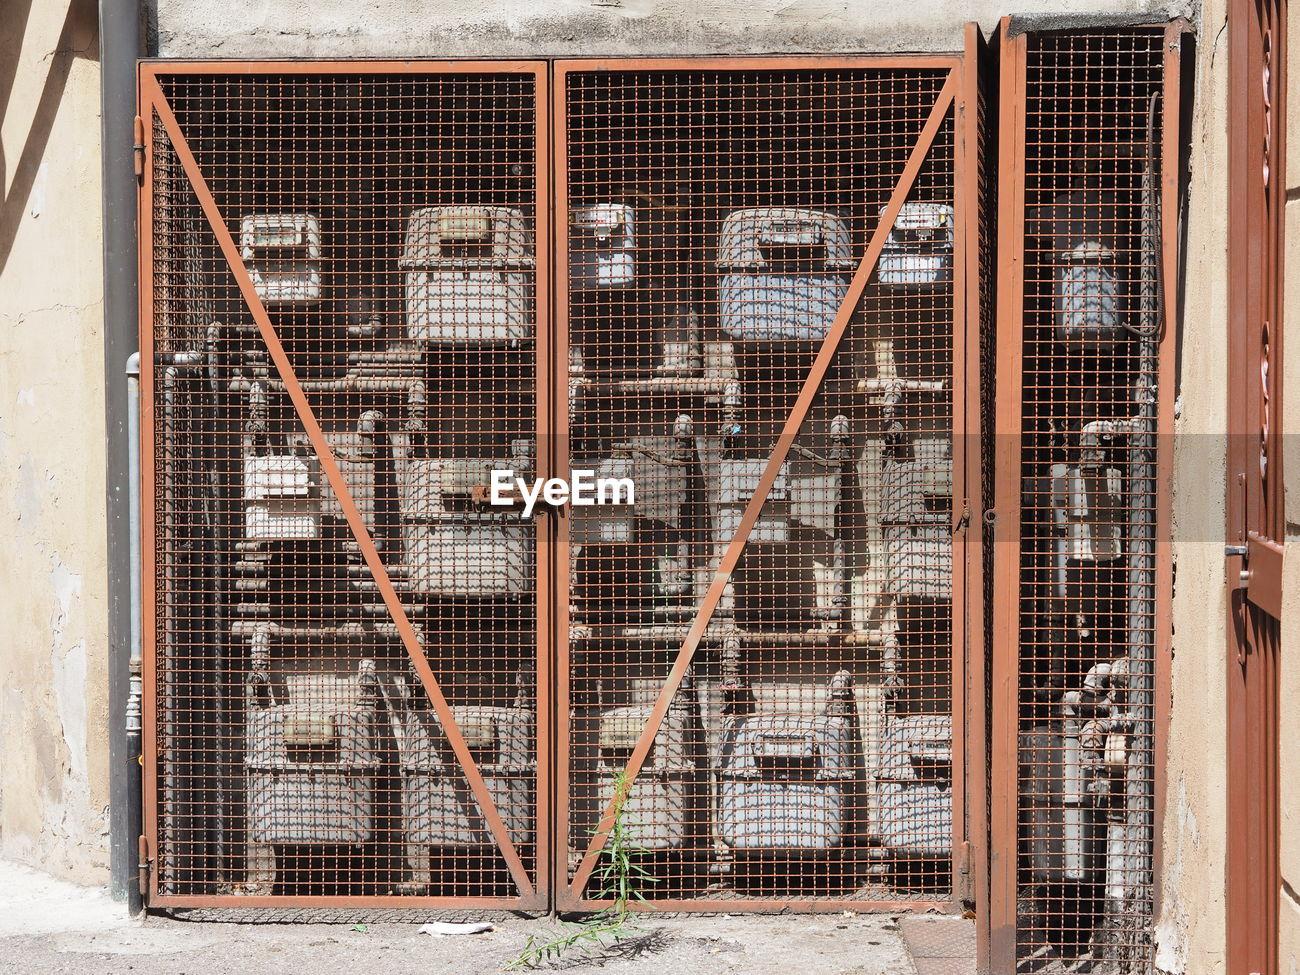 [DHAV_9290]  Metallic fuse box outside building   ID: 94228635   Outside Fuse Box      EyeEm